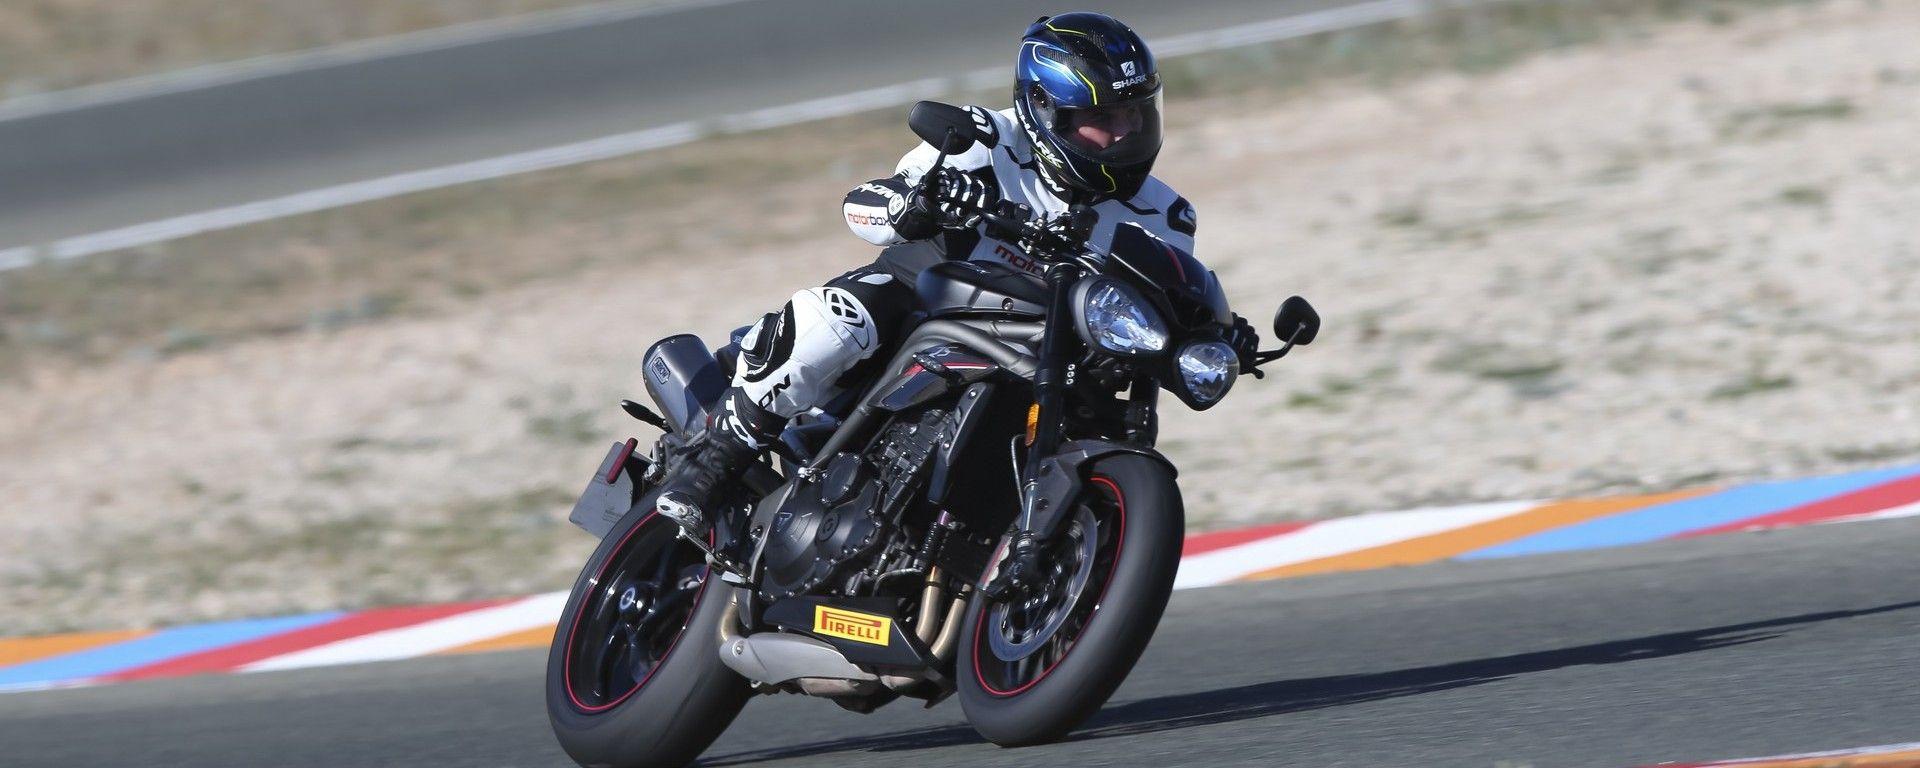 Nuova Triumph Speed Triple: la prova su strada